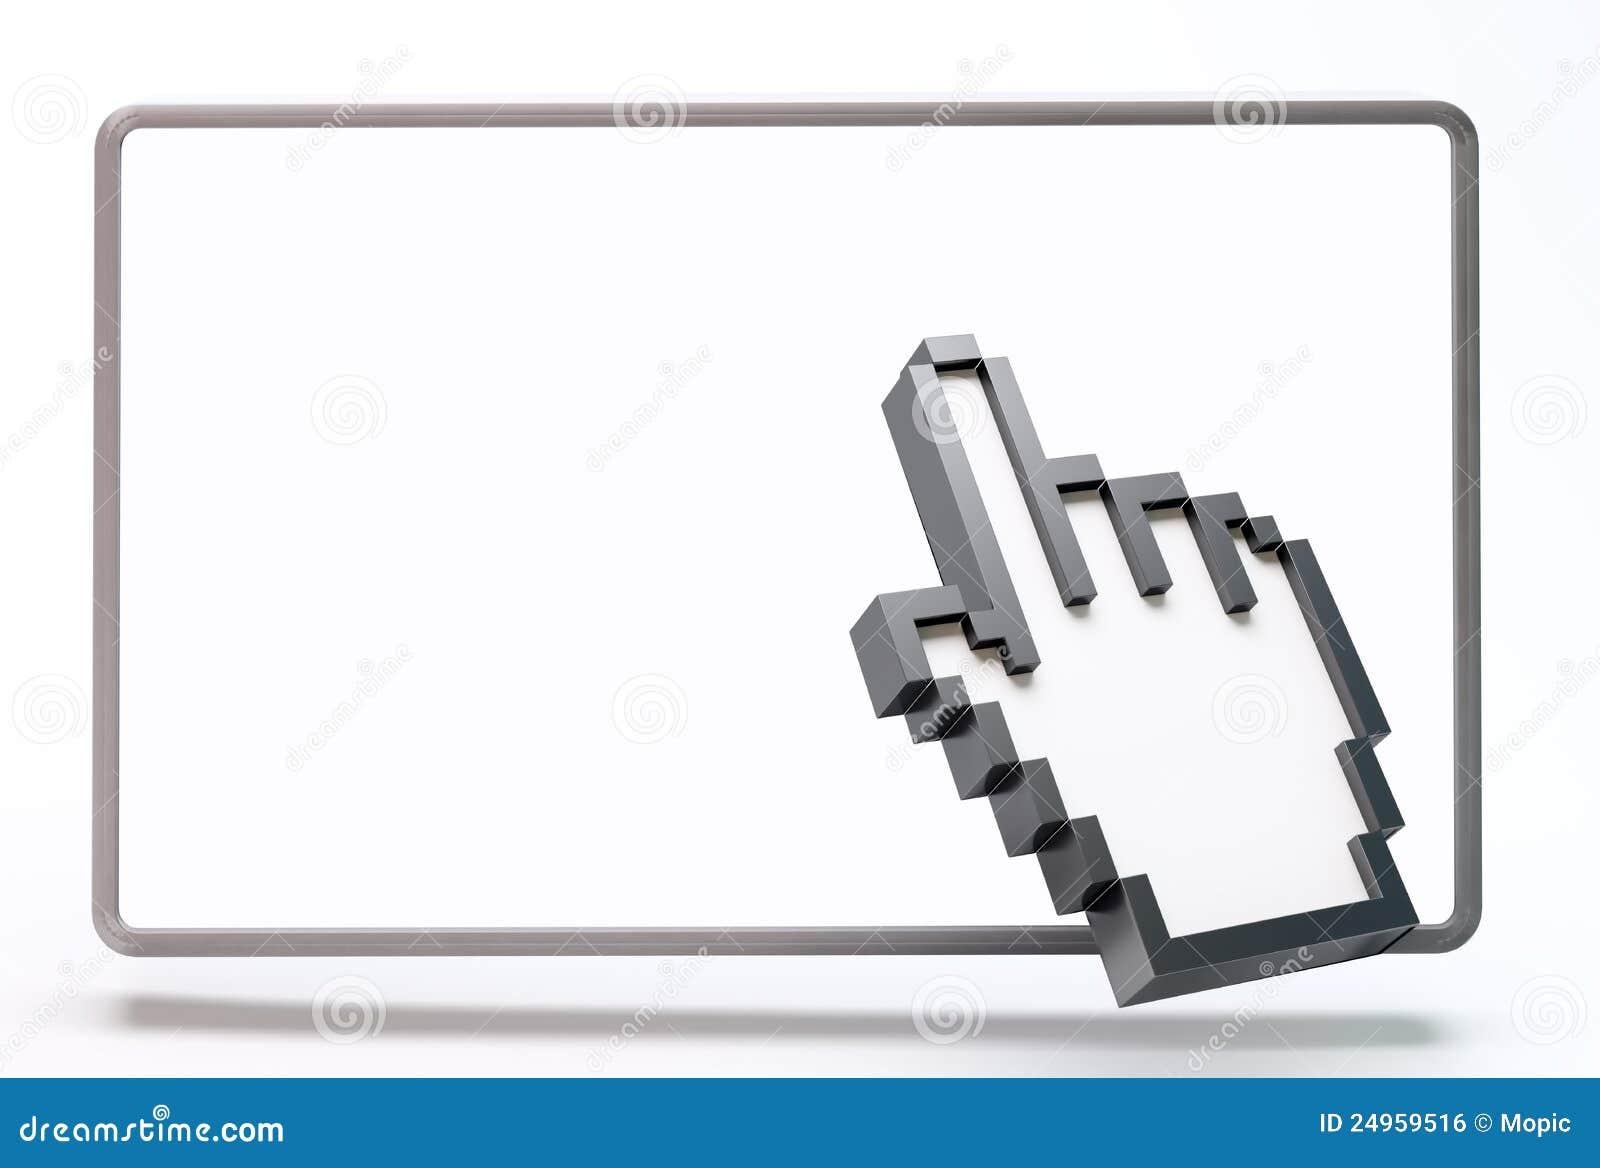 3D computer hand cursor